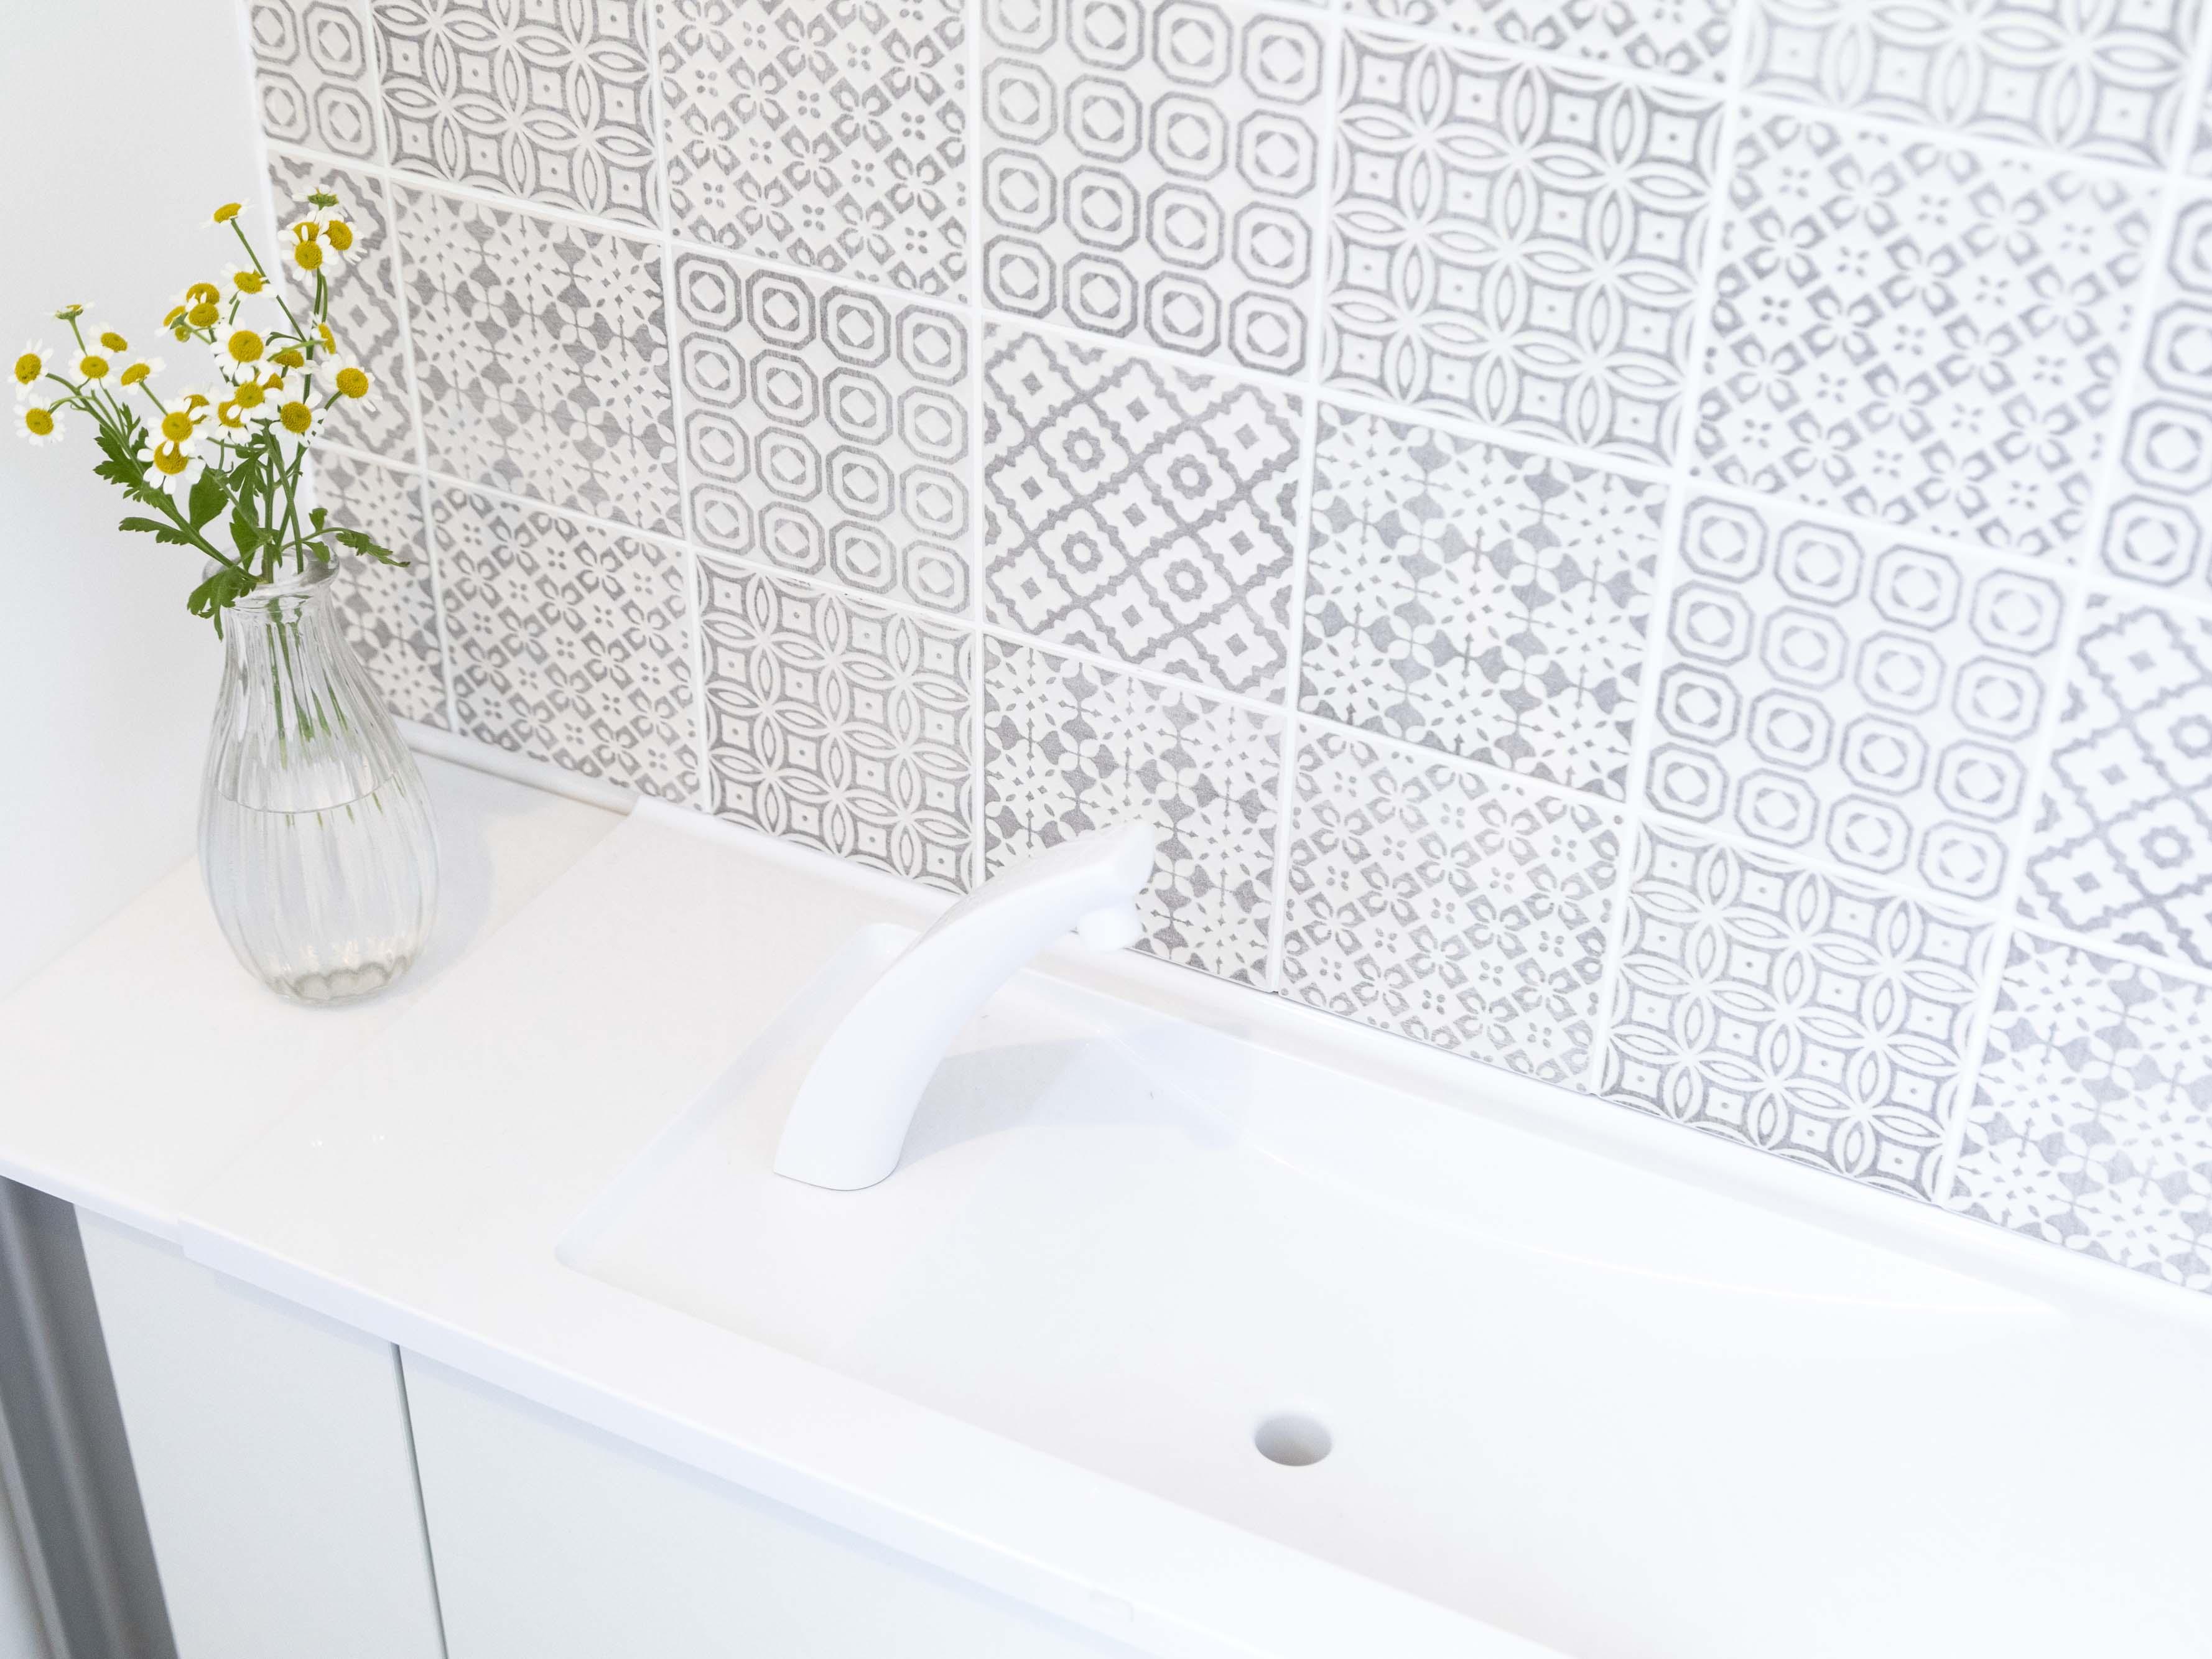 トイレには奥様念願の名古屋モザイクのタイルが。